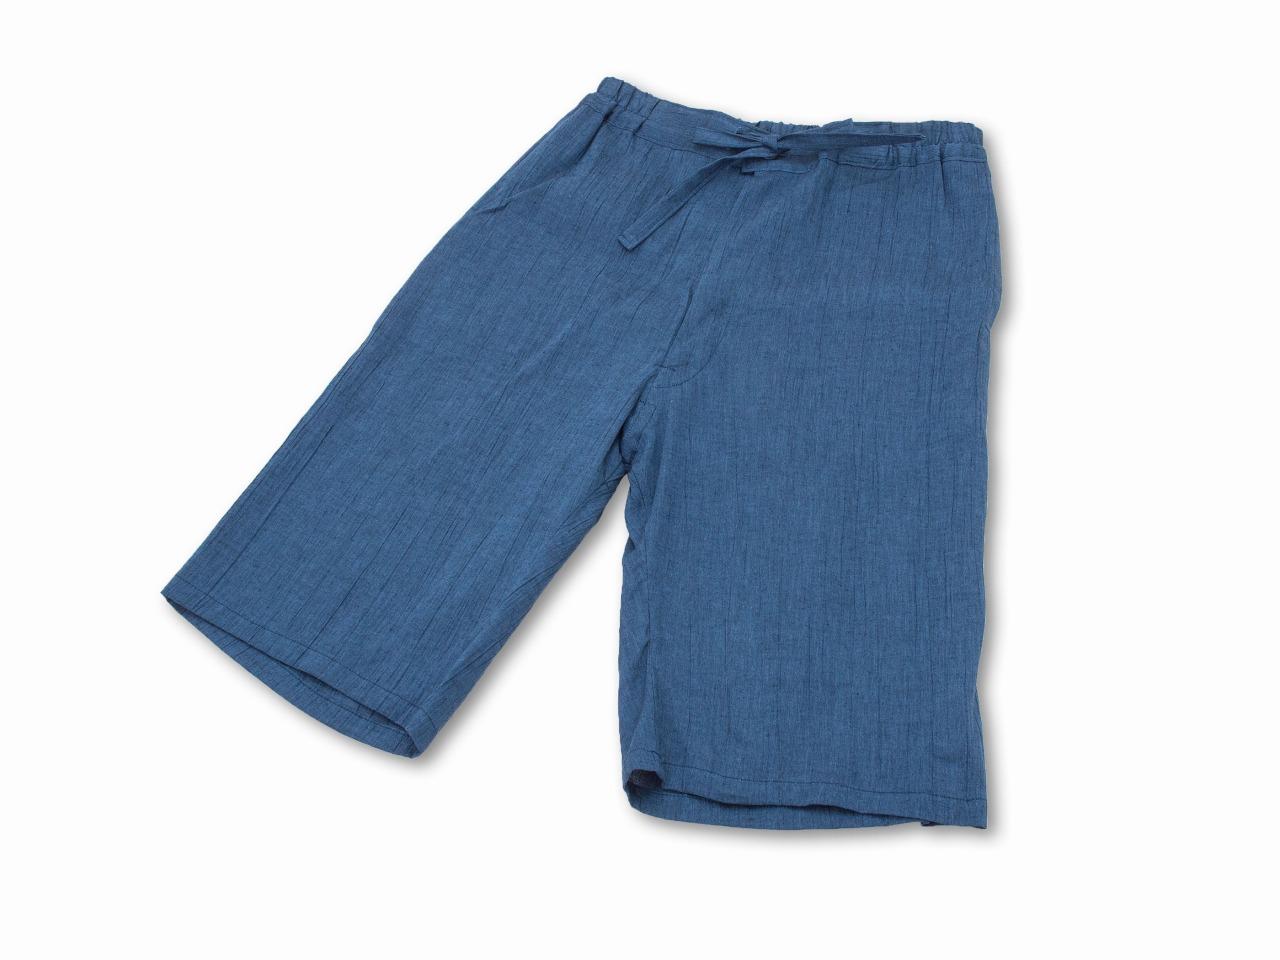 綿麻楊柳甚平(日本製) 中紺 ズボン